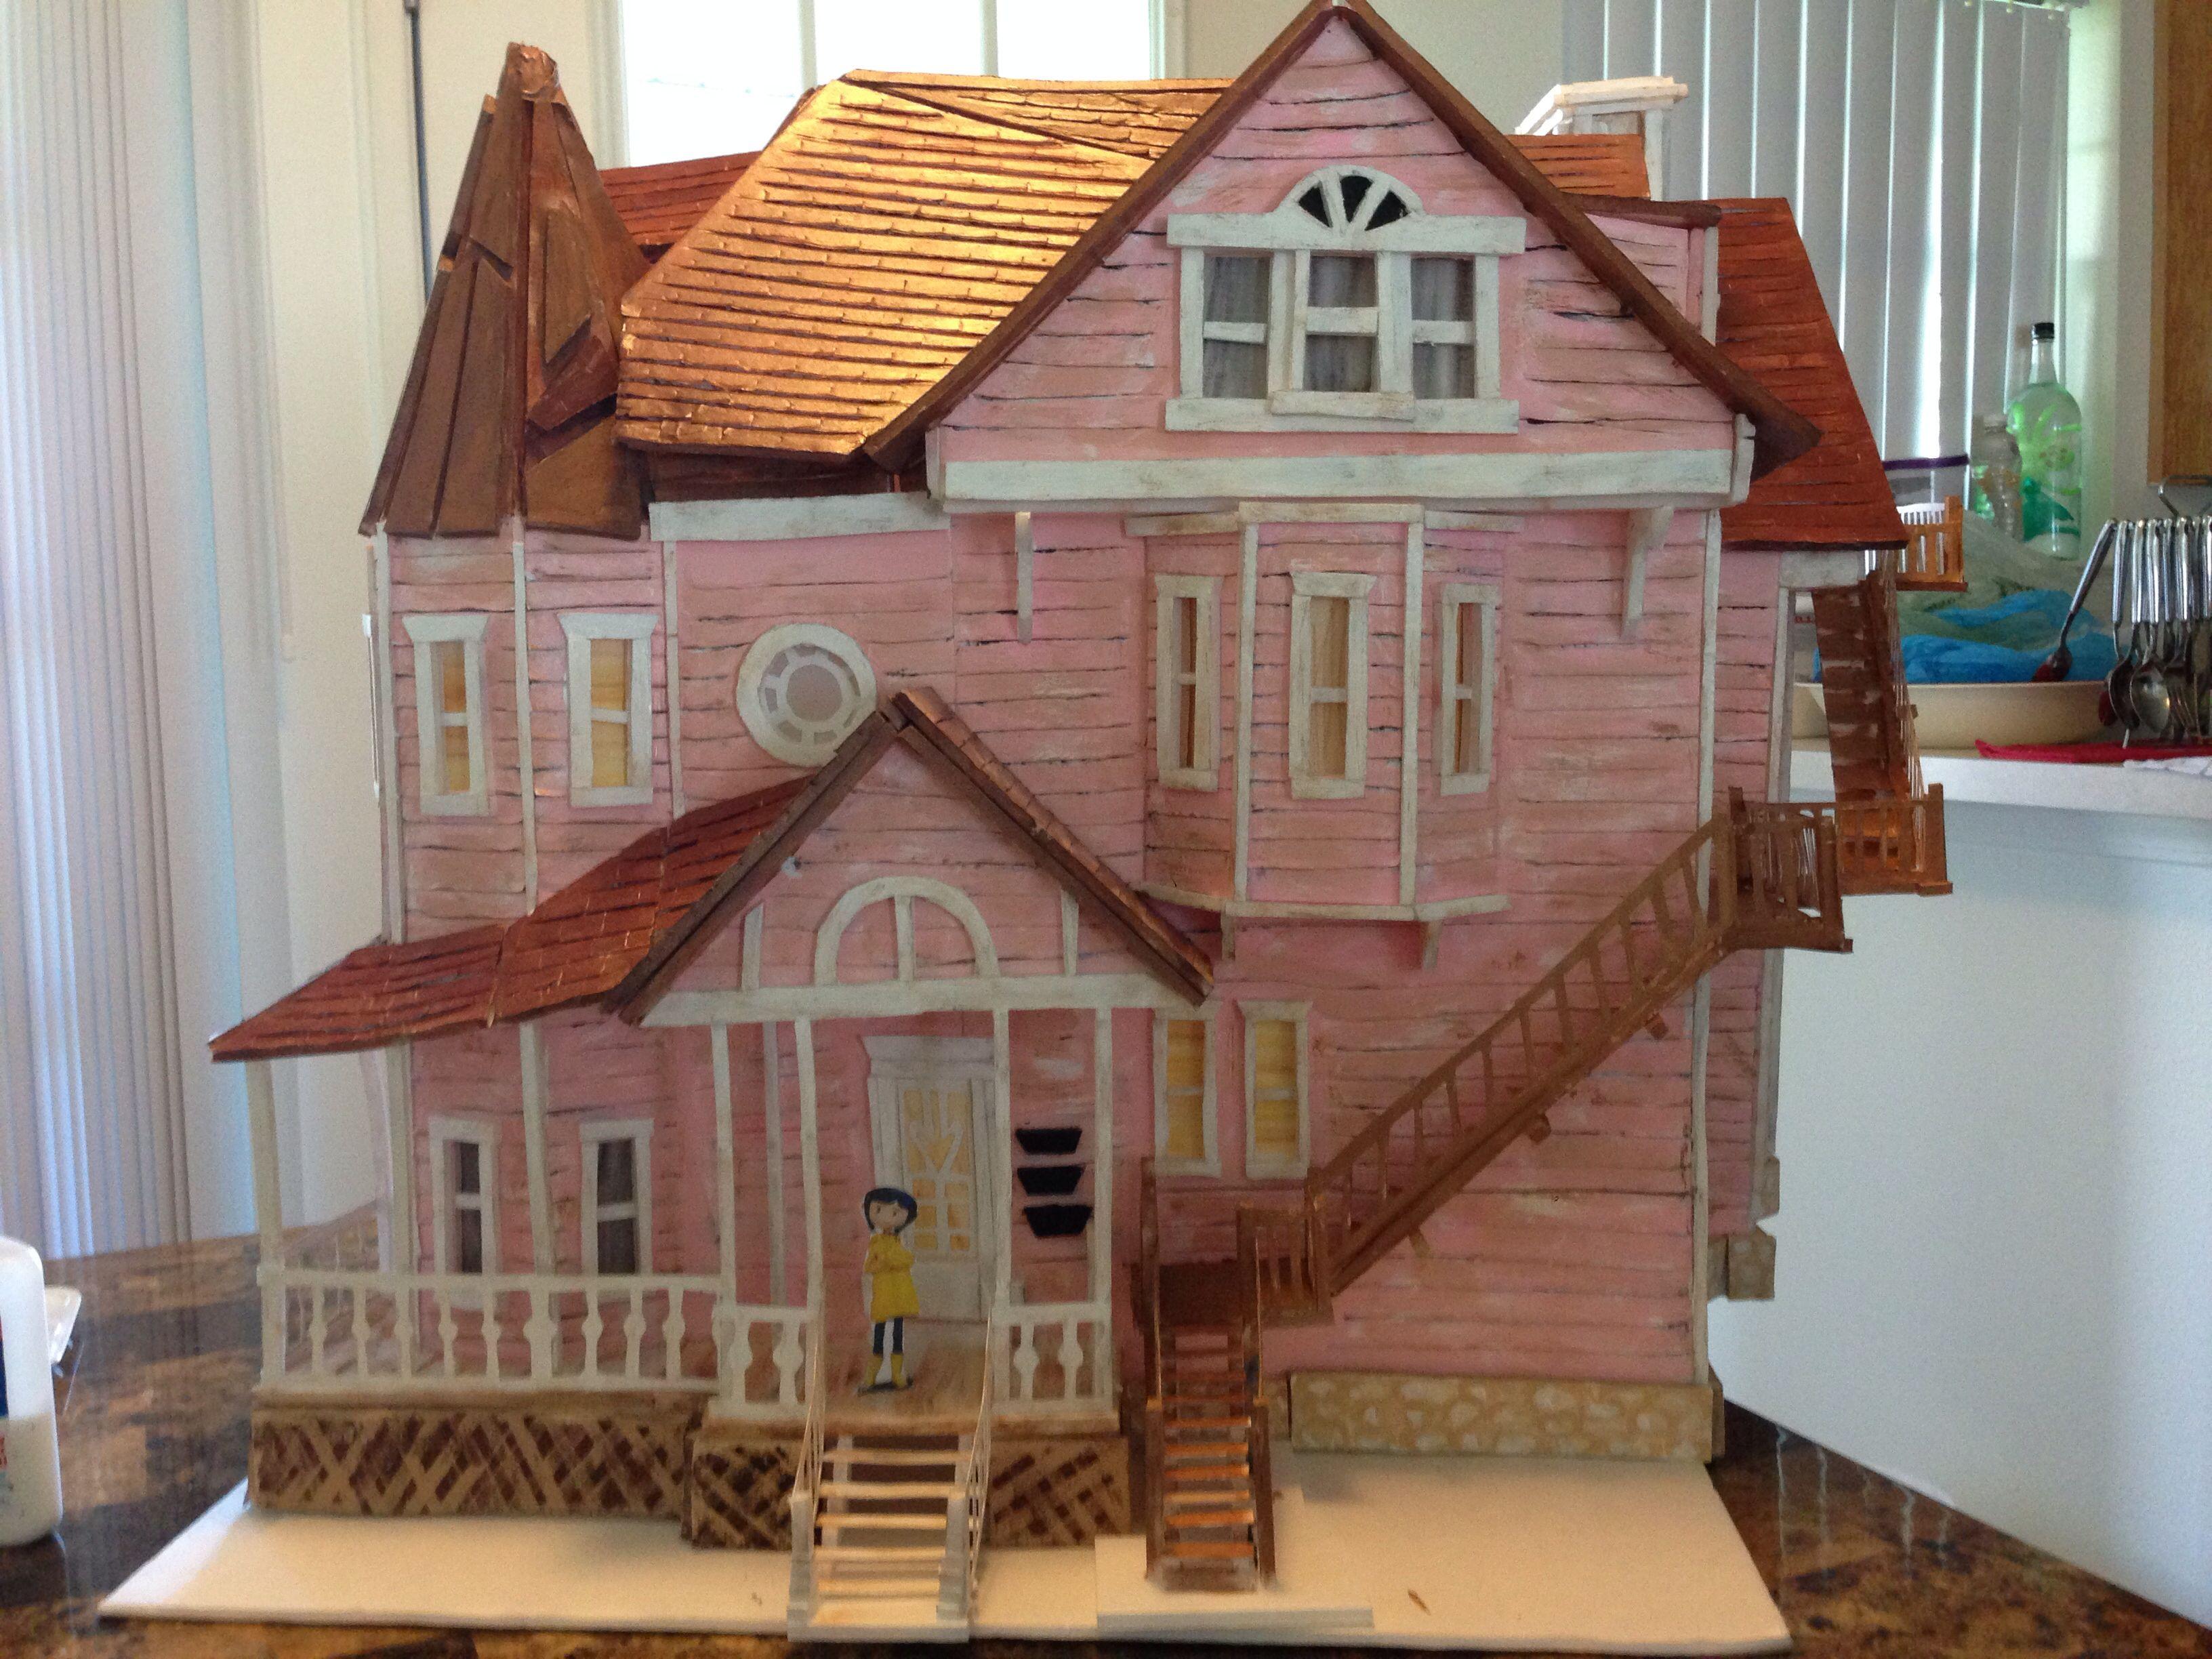 Coraline Pink Palace Coraline Quarto De Brinquedos Filme Coraline